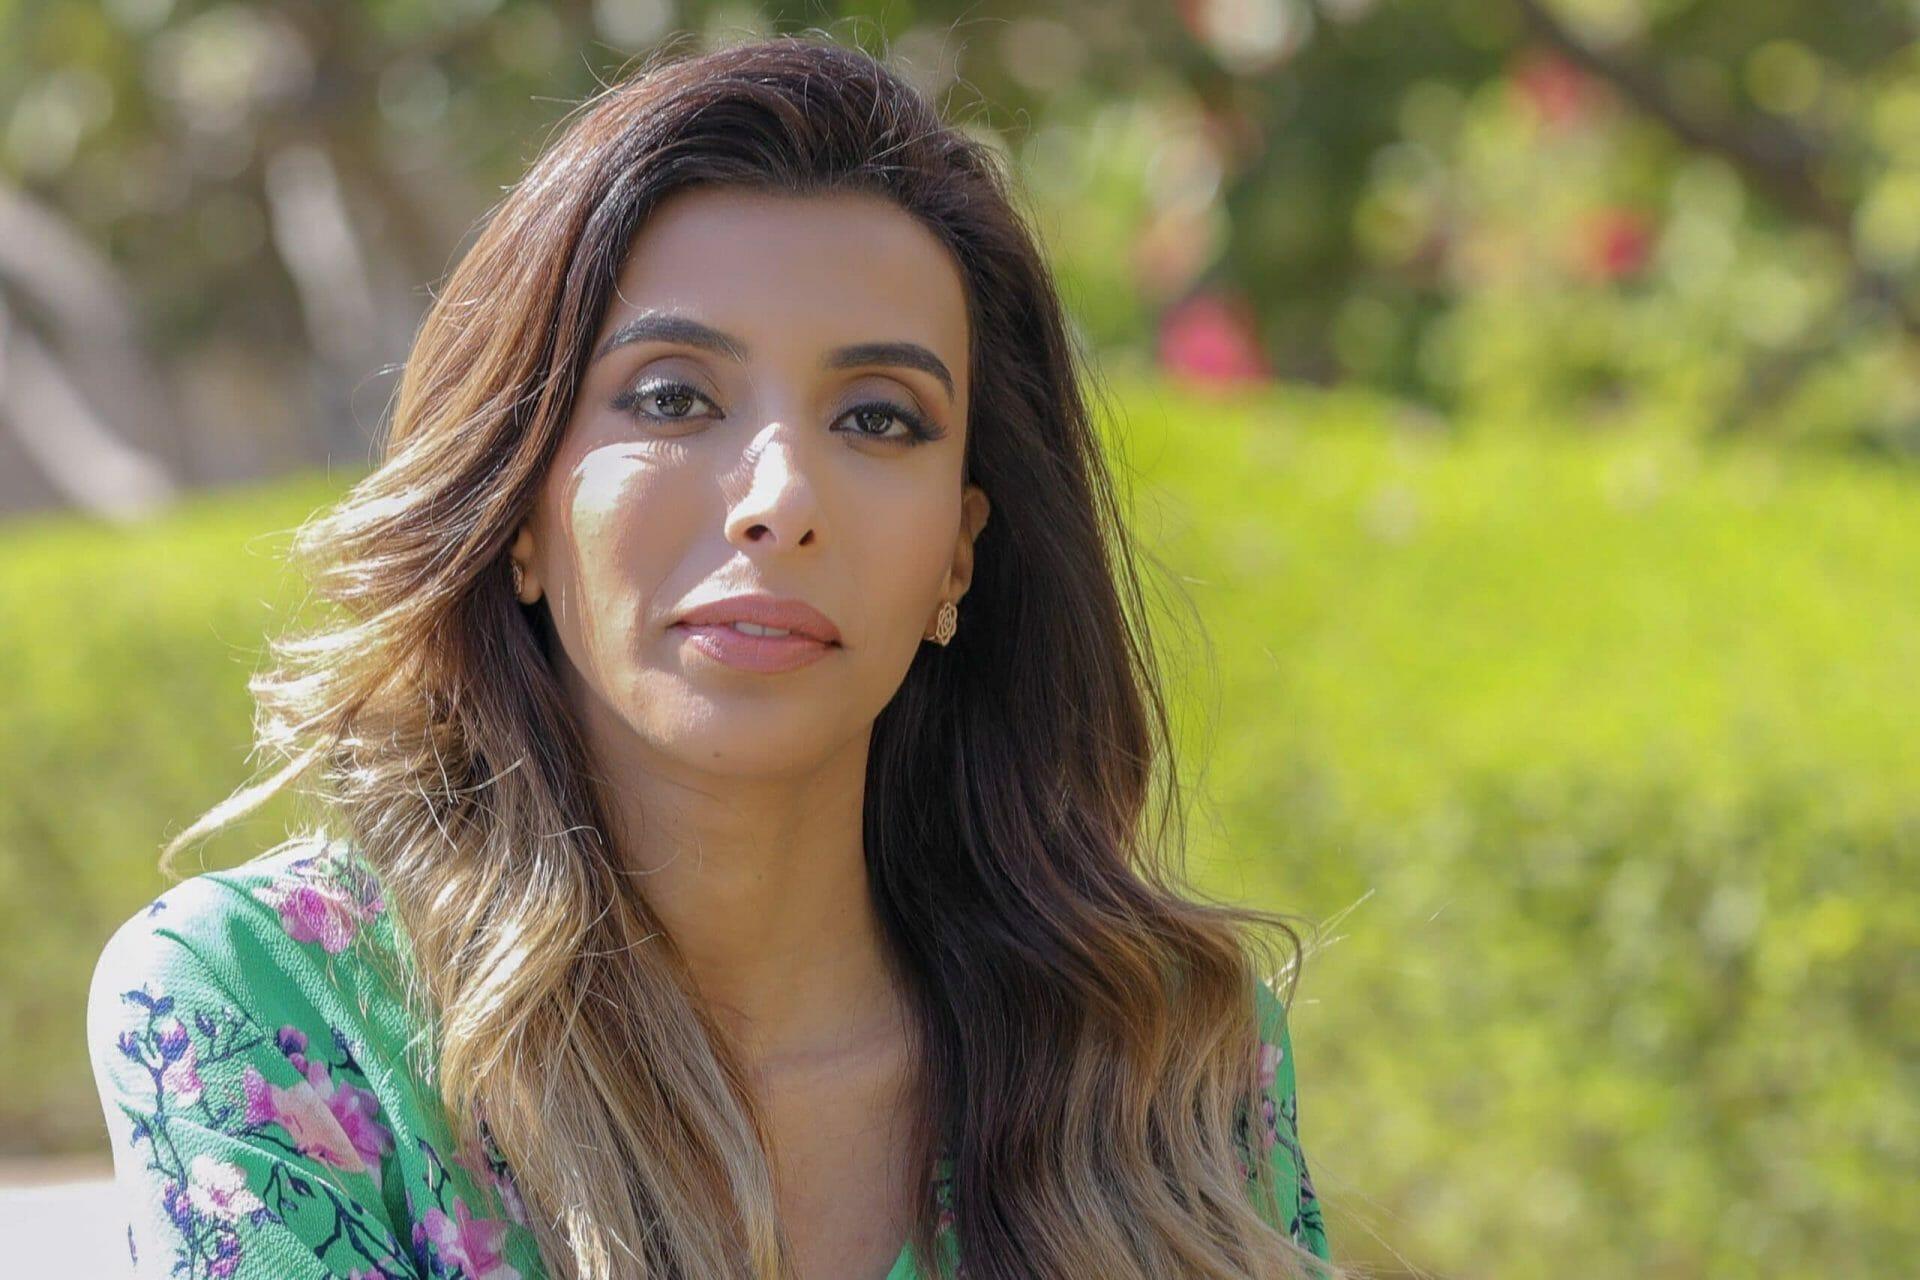 """""""شاهد"""" السعودية سمية الناصر تثير جدلاً واسعاً بعد خلعها الحجاب:"""" المرأة مثل الفرن وسأحصل على طفل بـ فلوسي"""""""